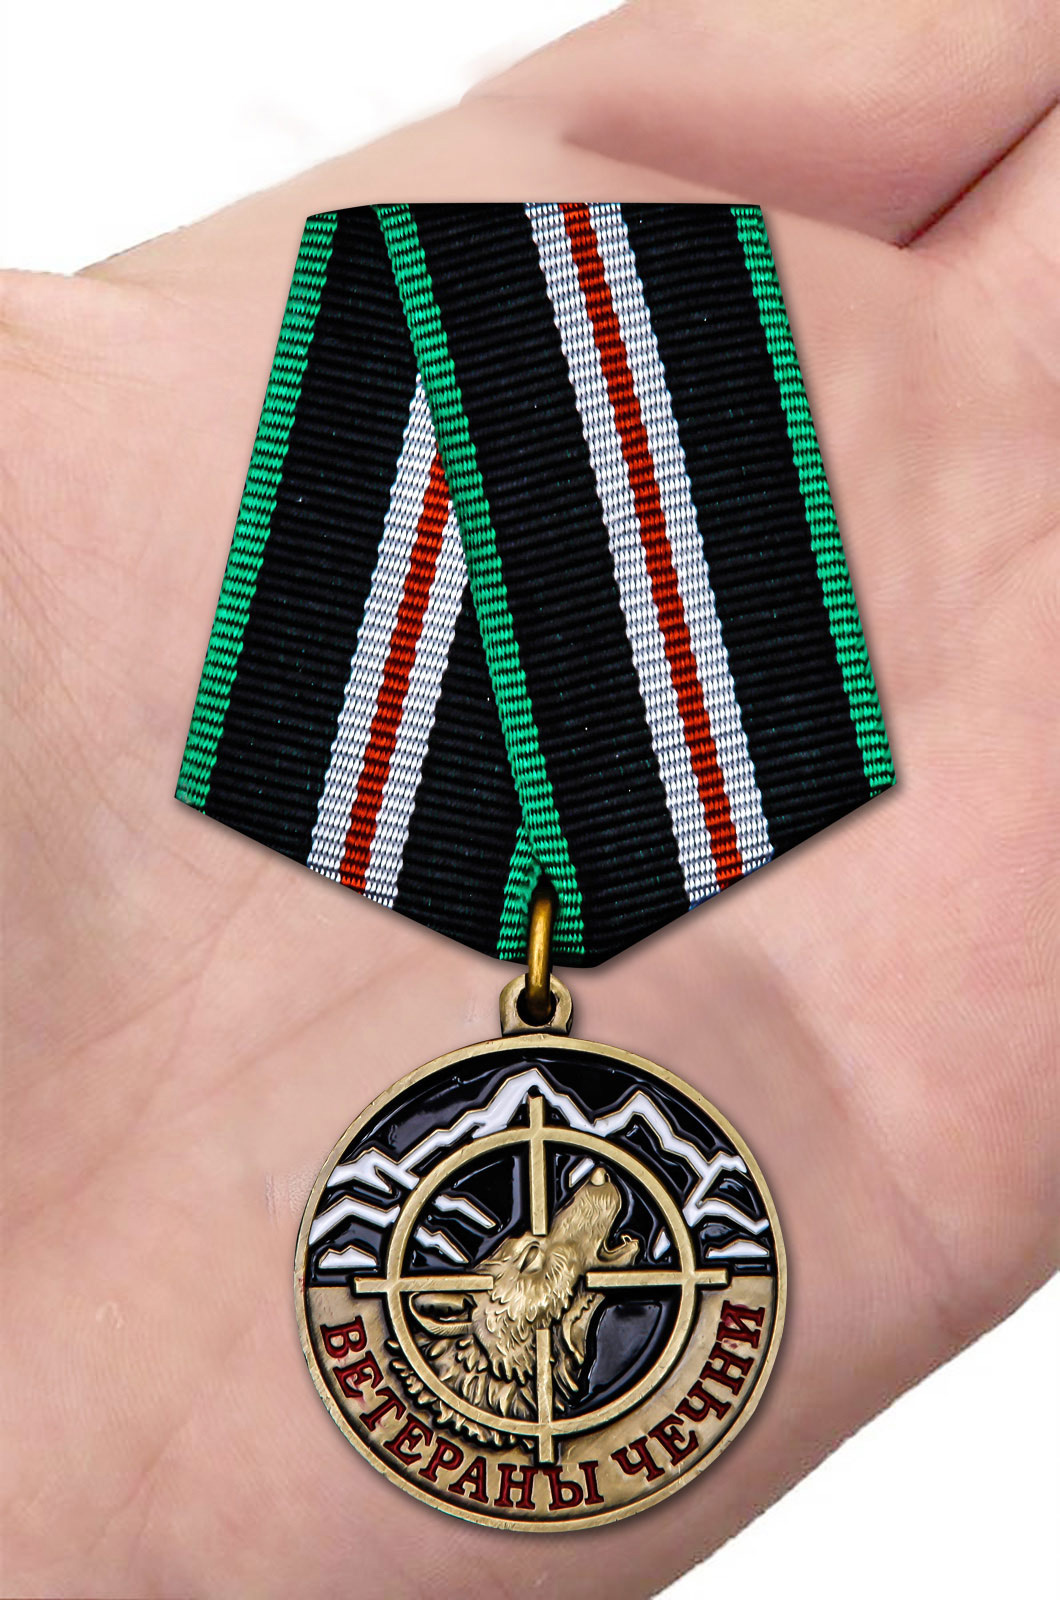 Памятная медаль Ветераны Чечни - вид на ладони